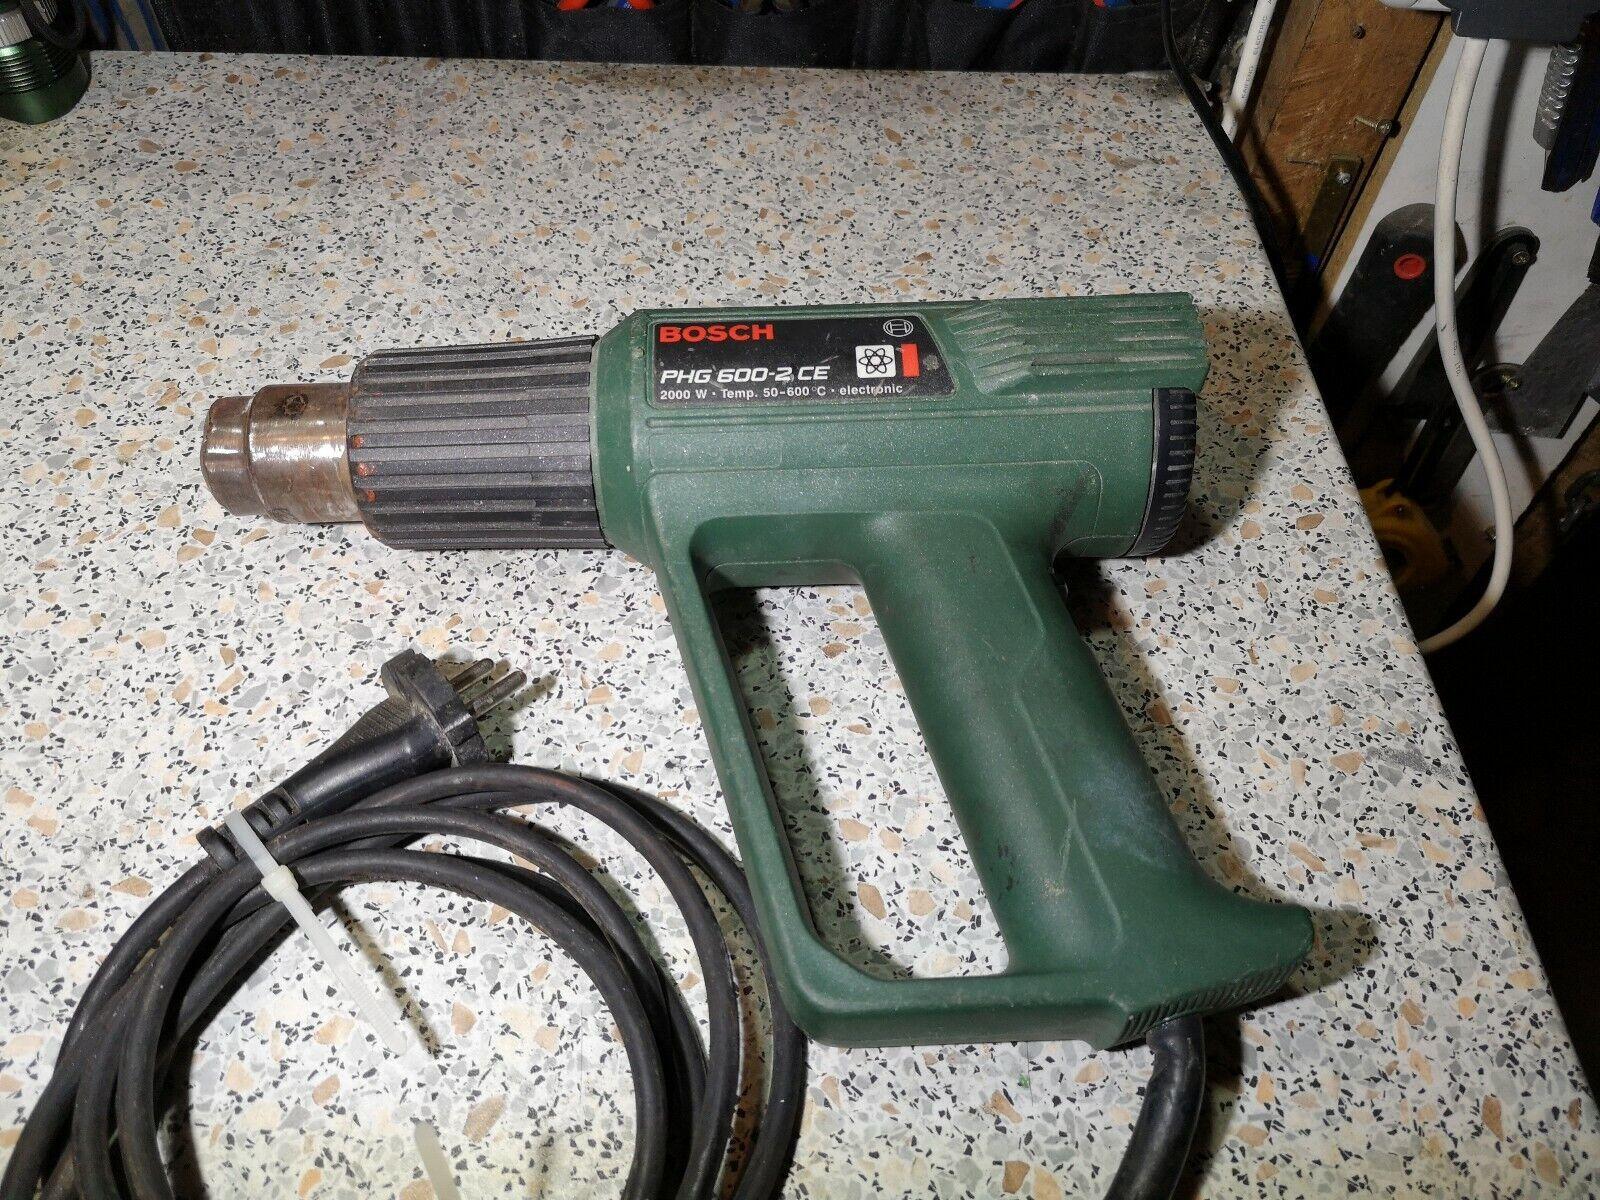 Bosch Phg 600 2 Ce heißluft Pistole 2000 W. Einstellbar power